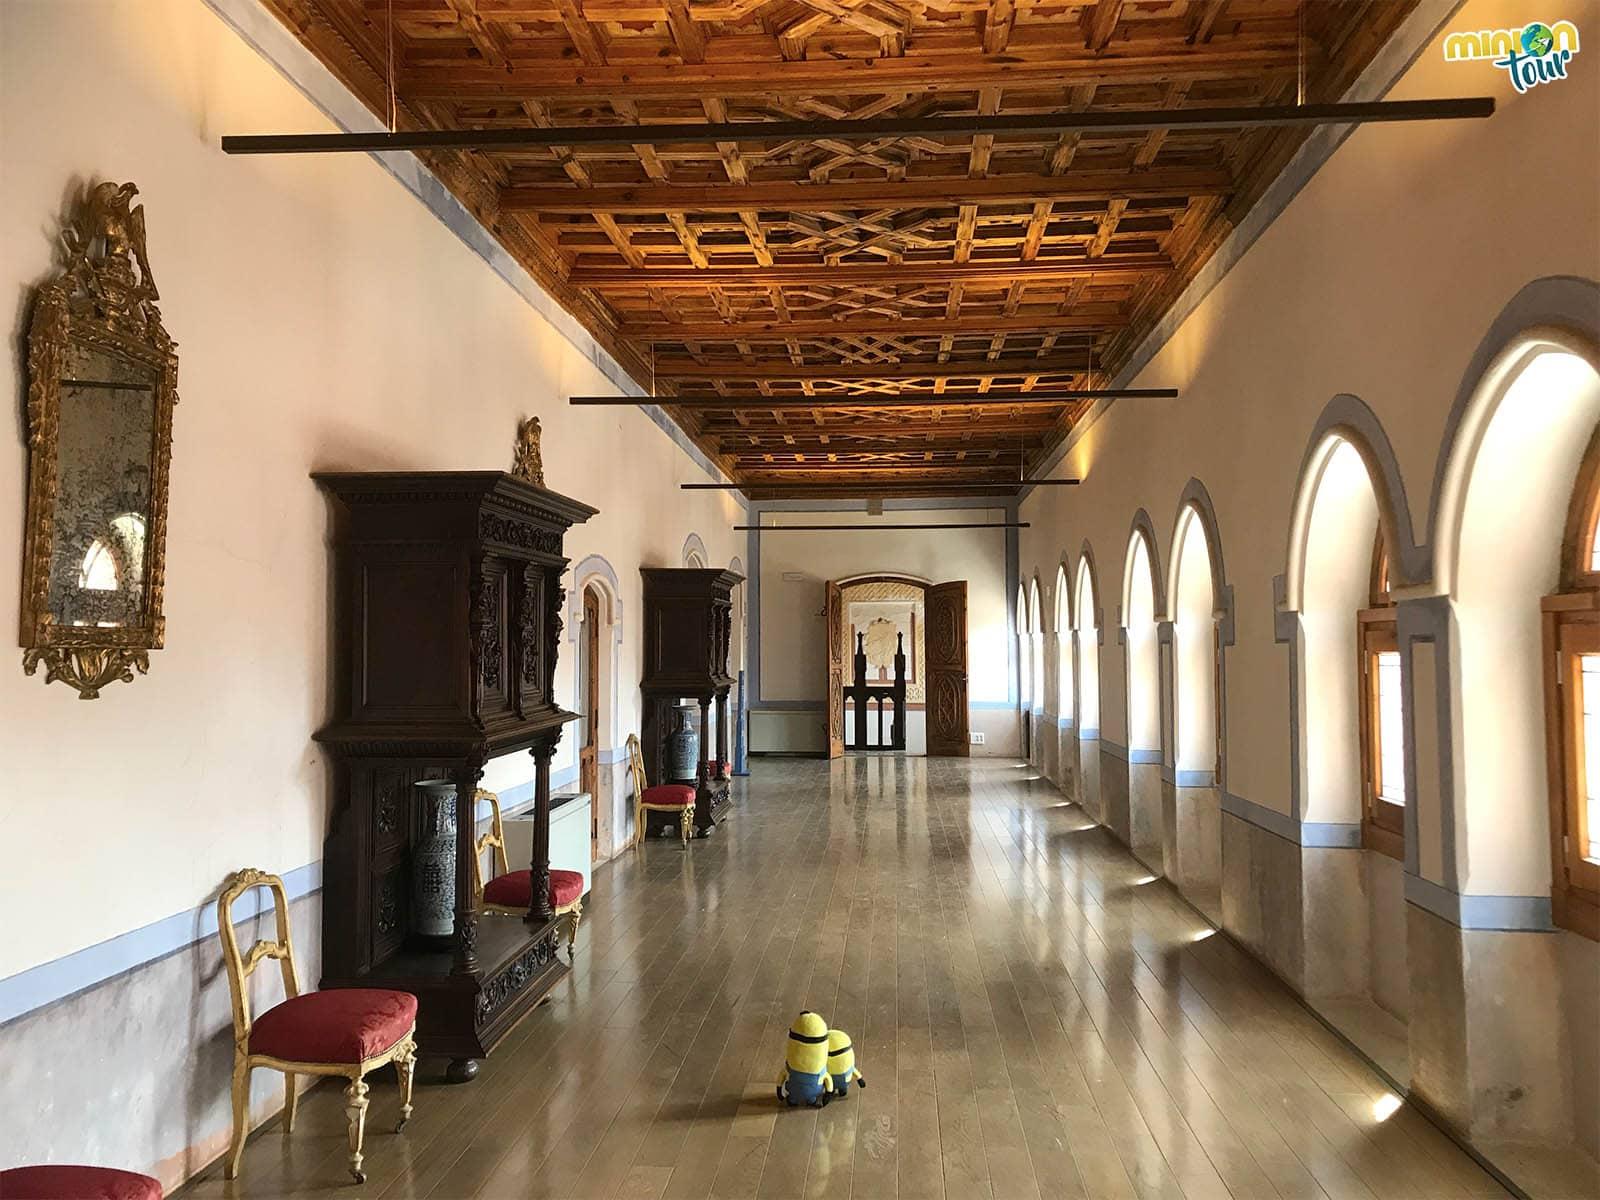 Paseando por una de las estancias del Castillo de Belmonte en la ruta de los castillos del Marqués de Villena